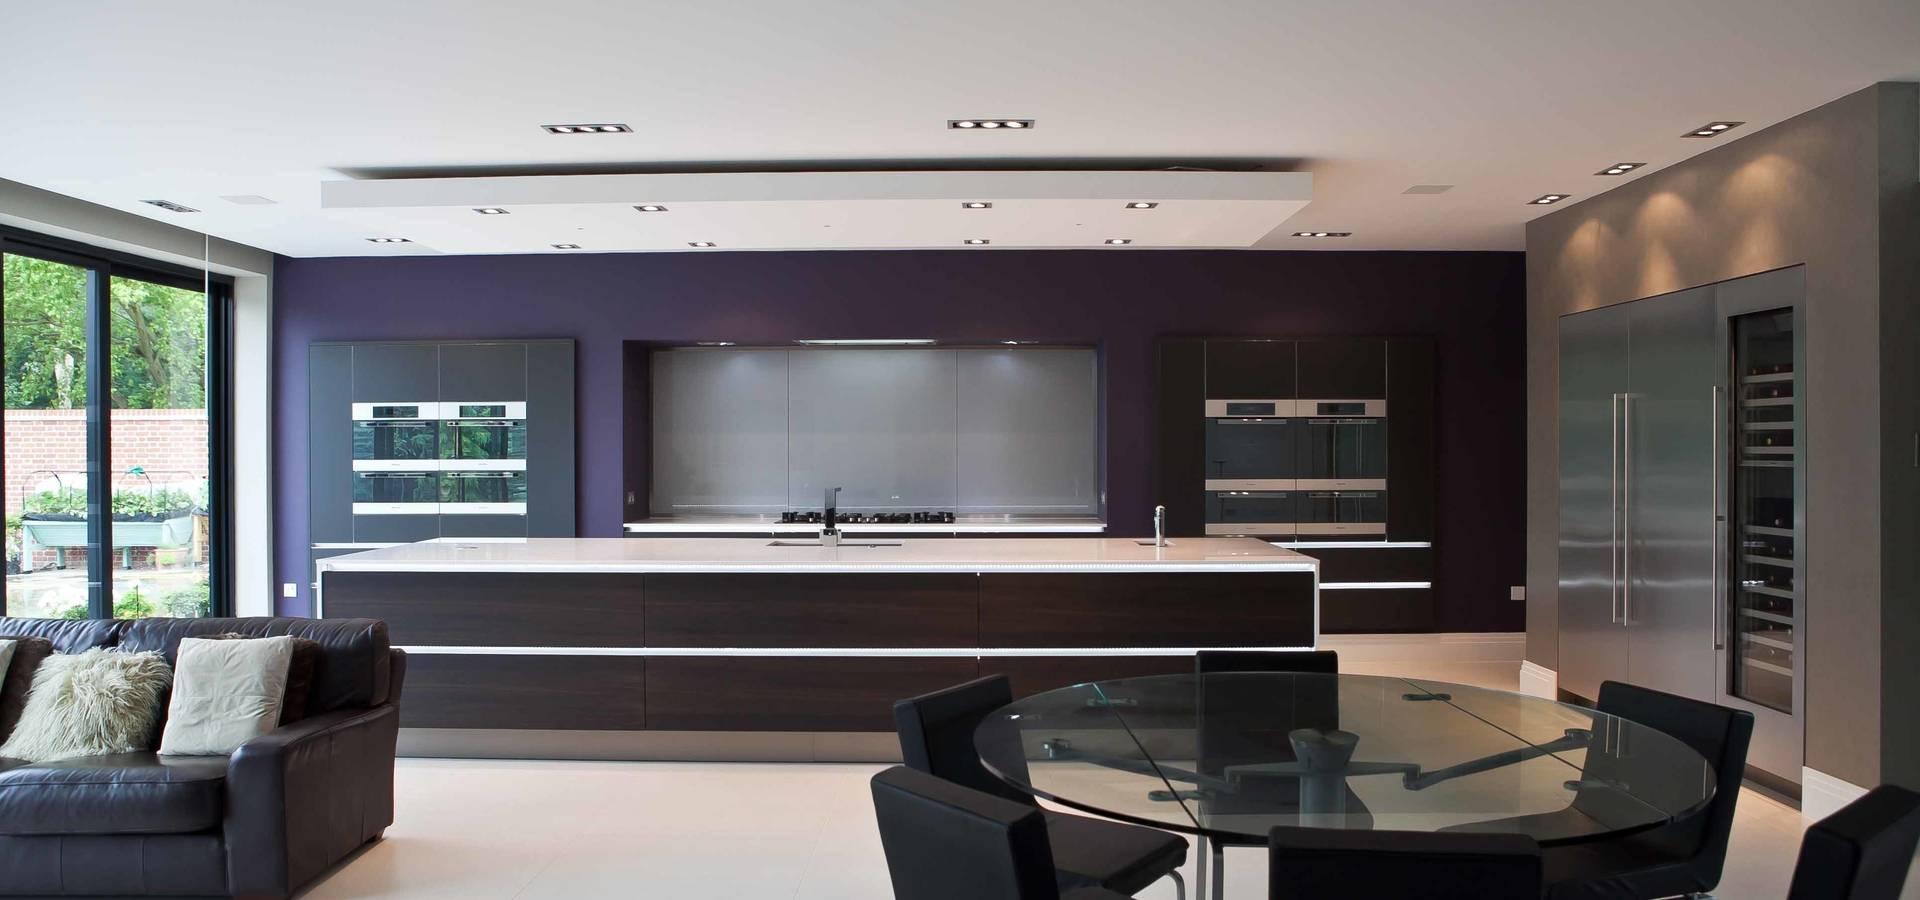 Excelsior Kitchens Limited